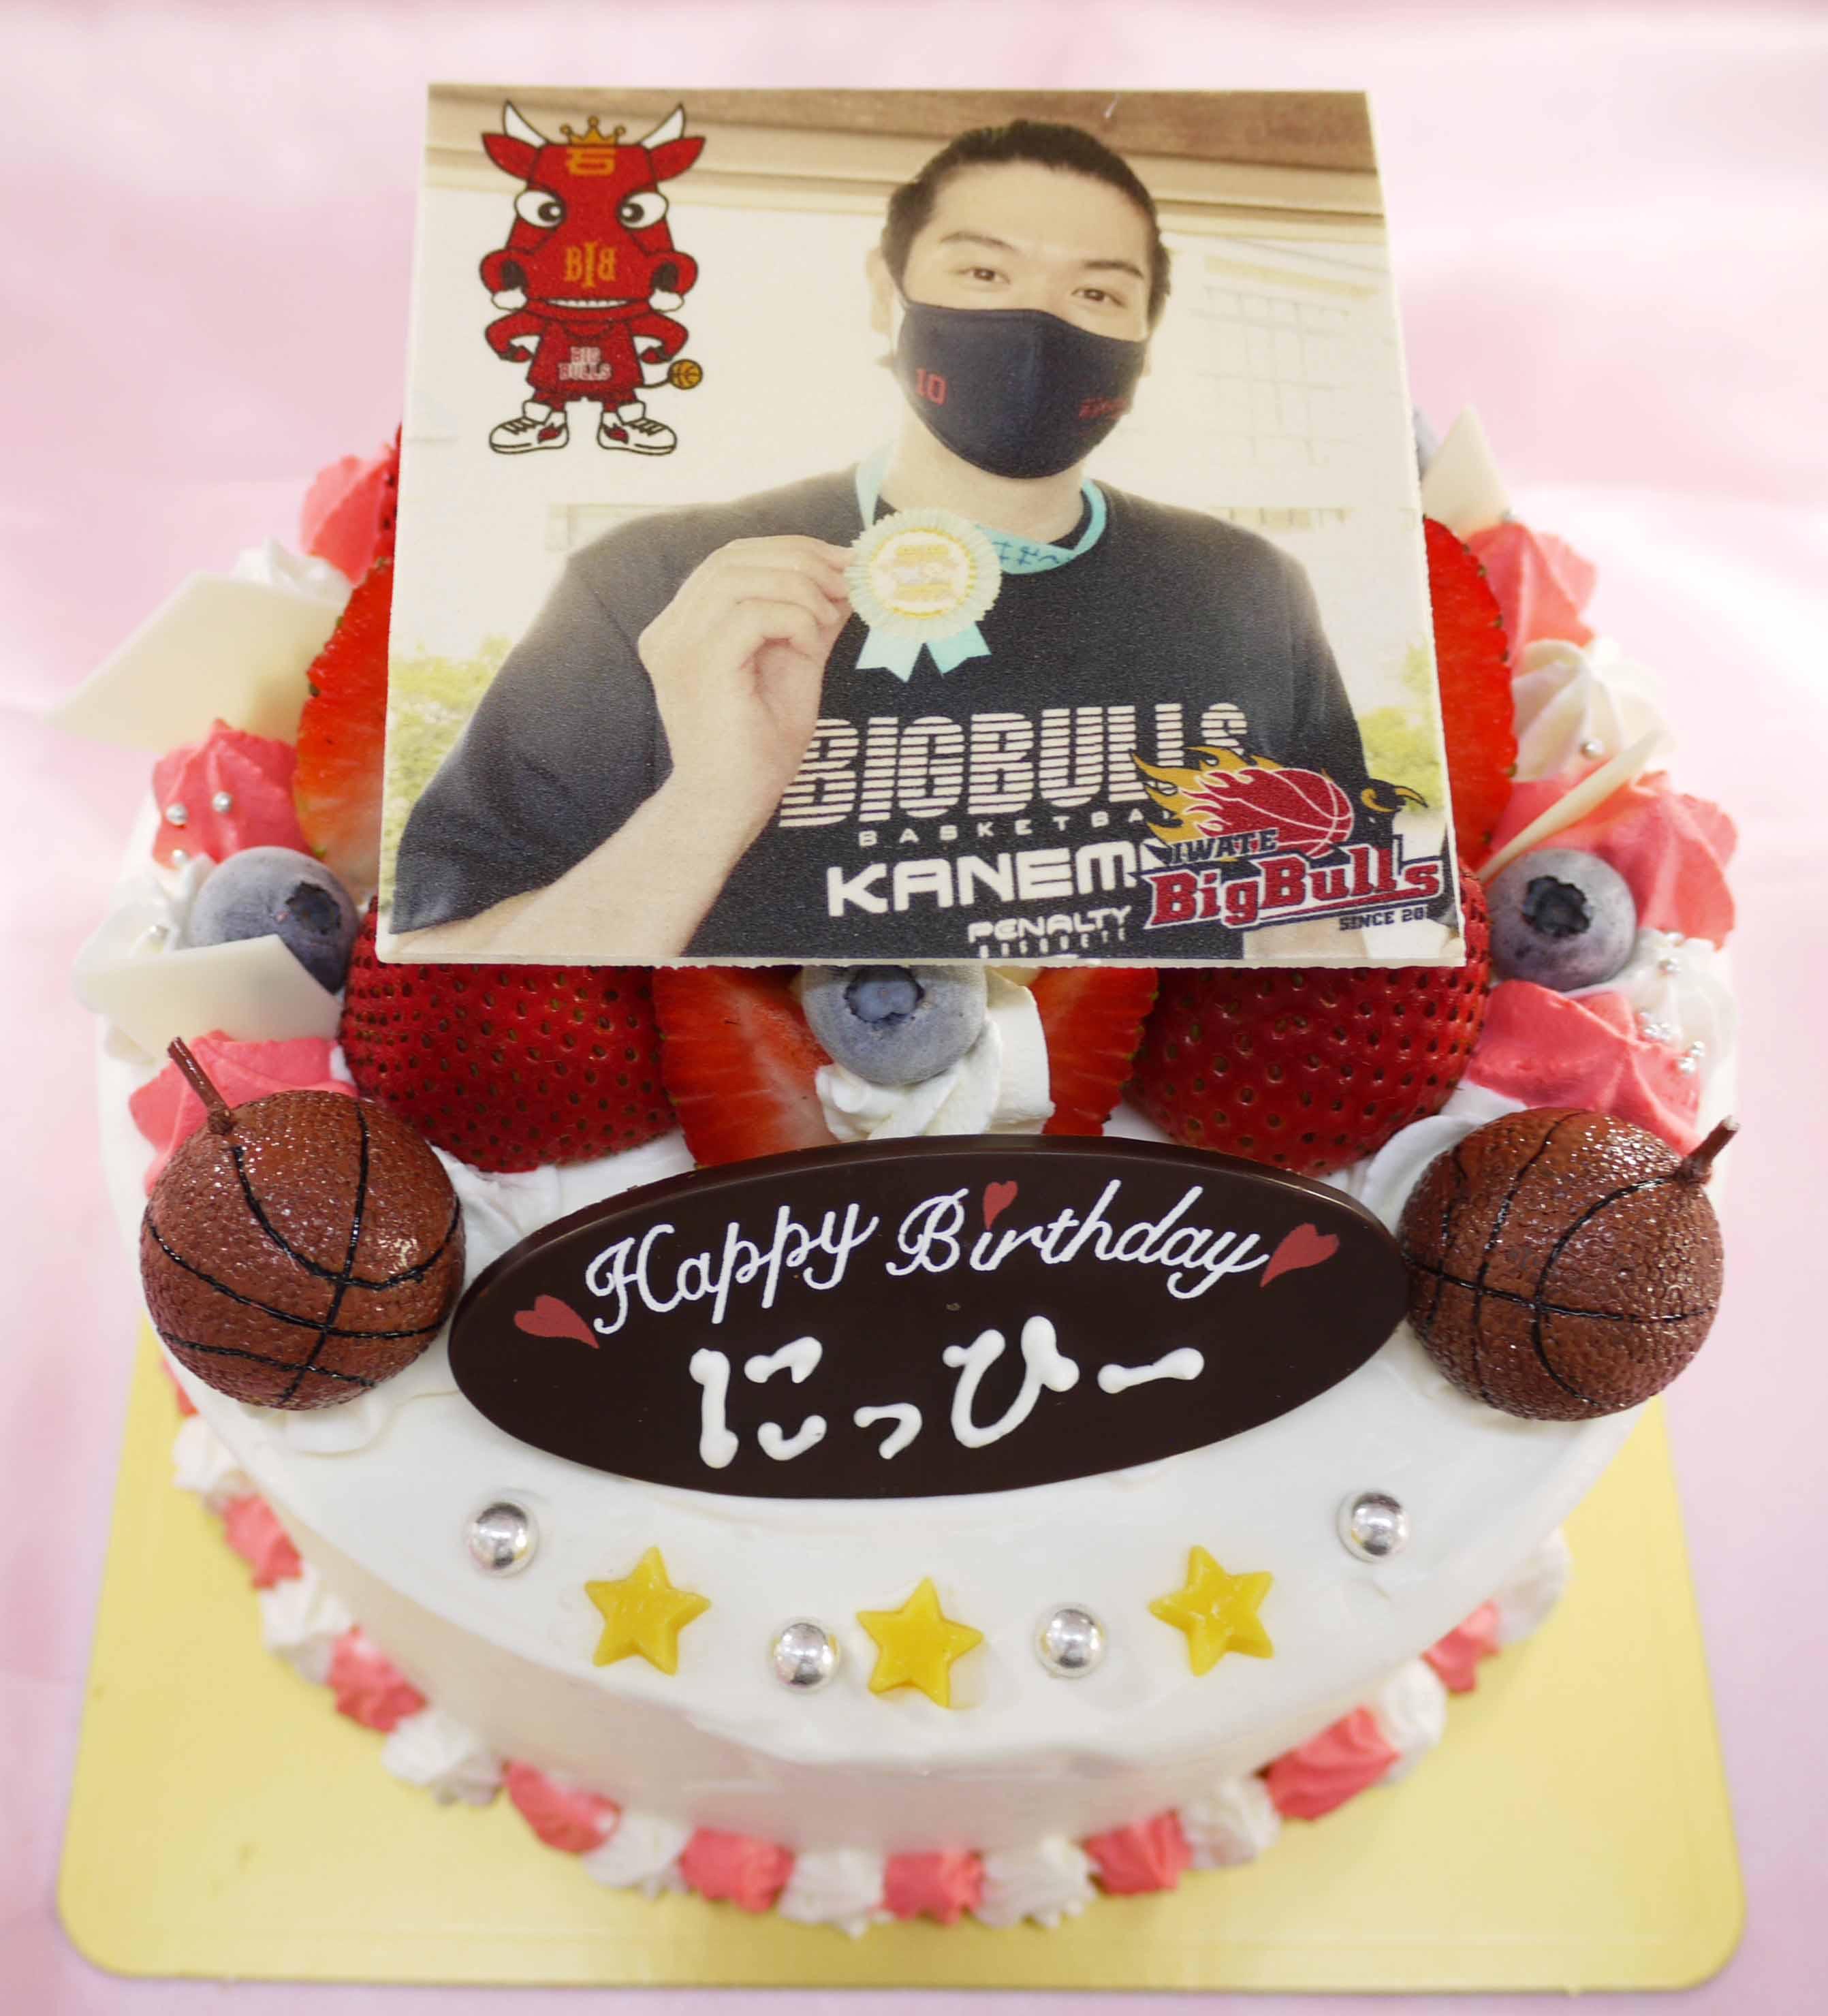 岩手ビッグブルズ仁平拓海選手の誕生日ケーキ